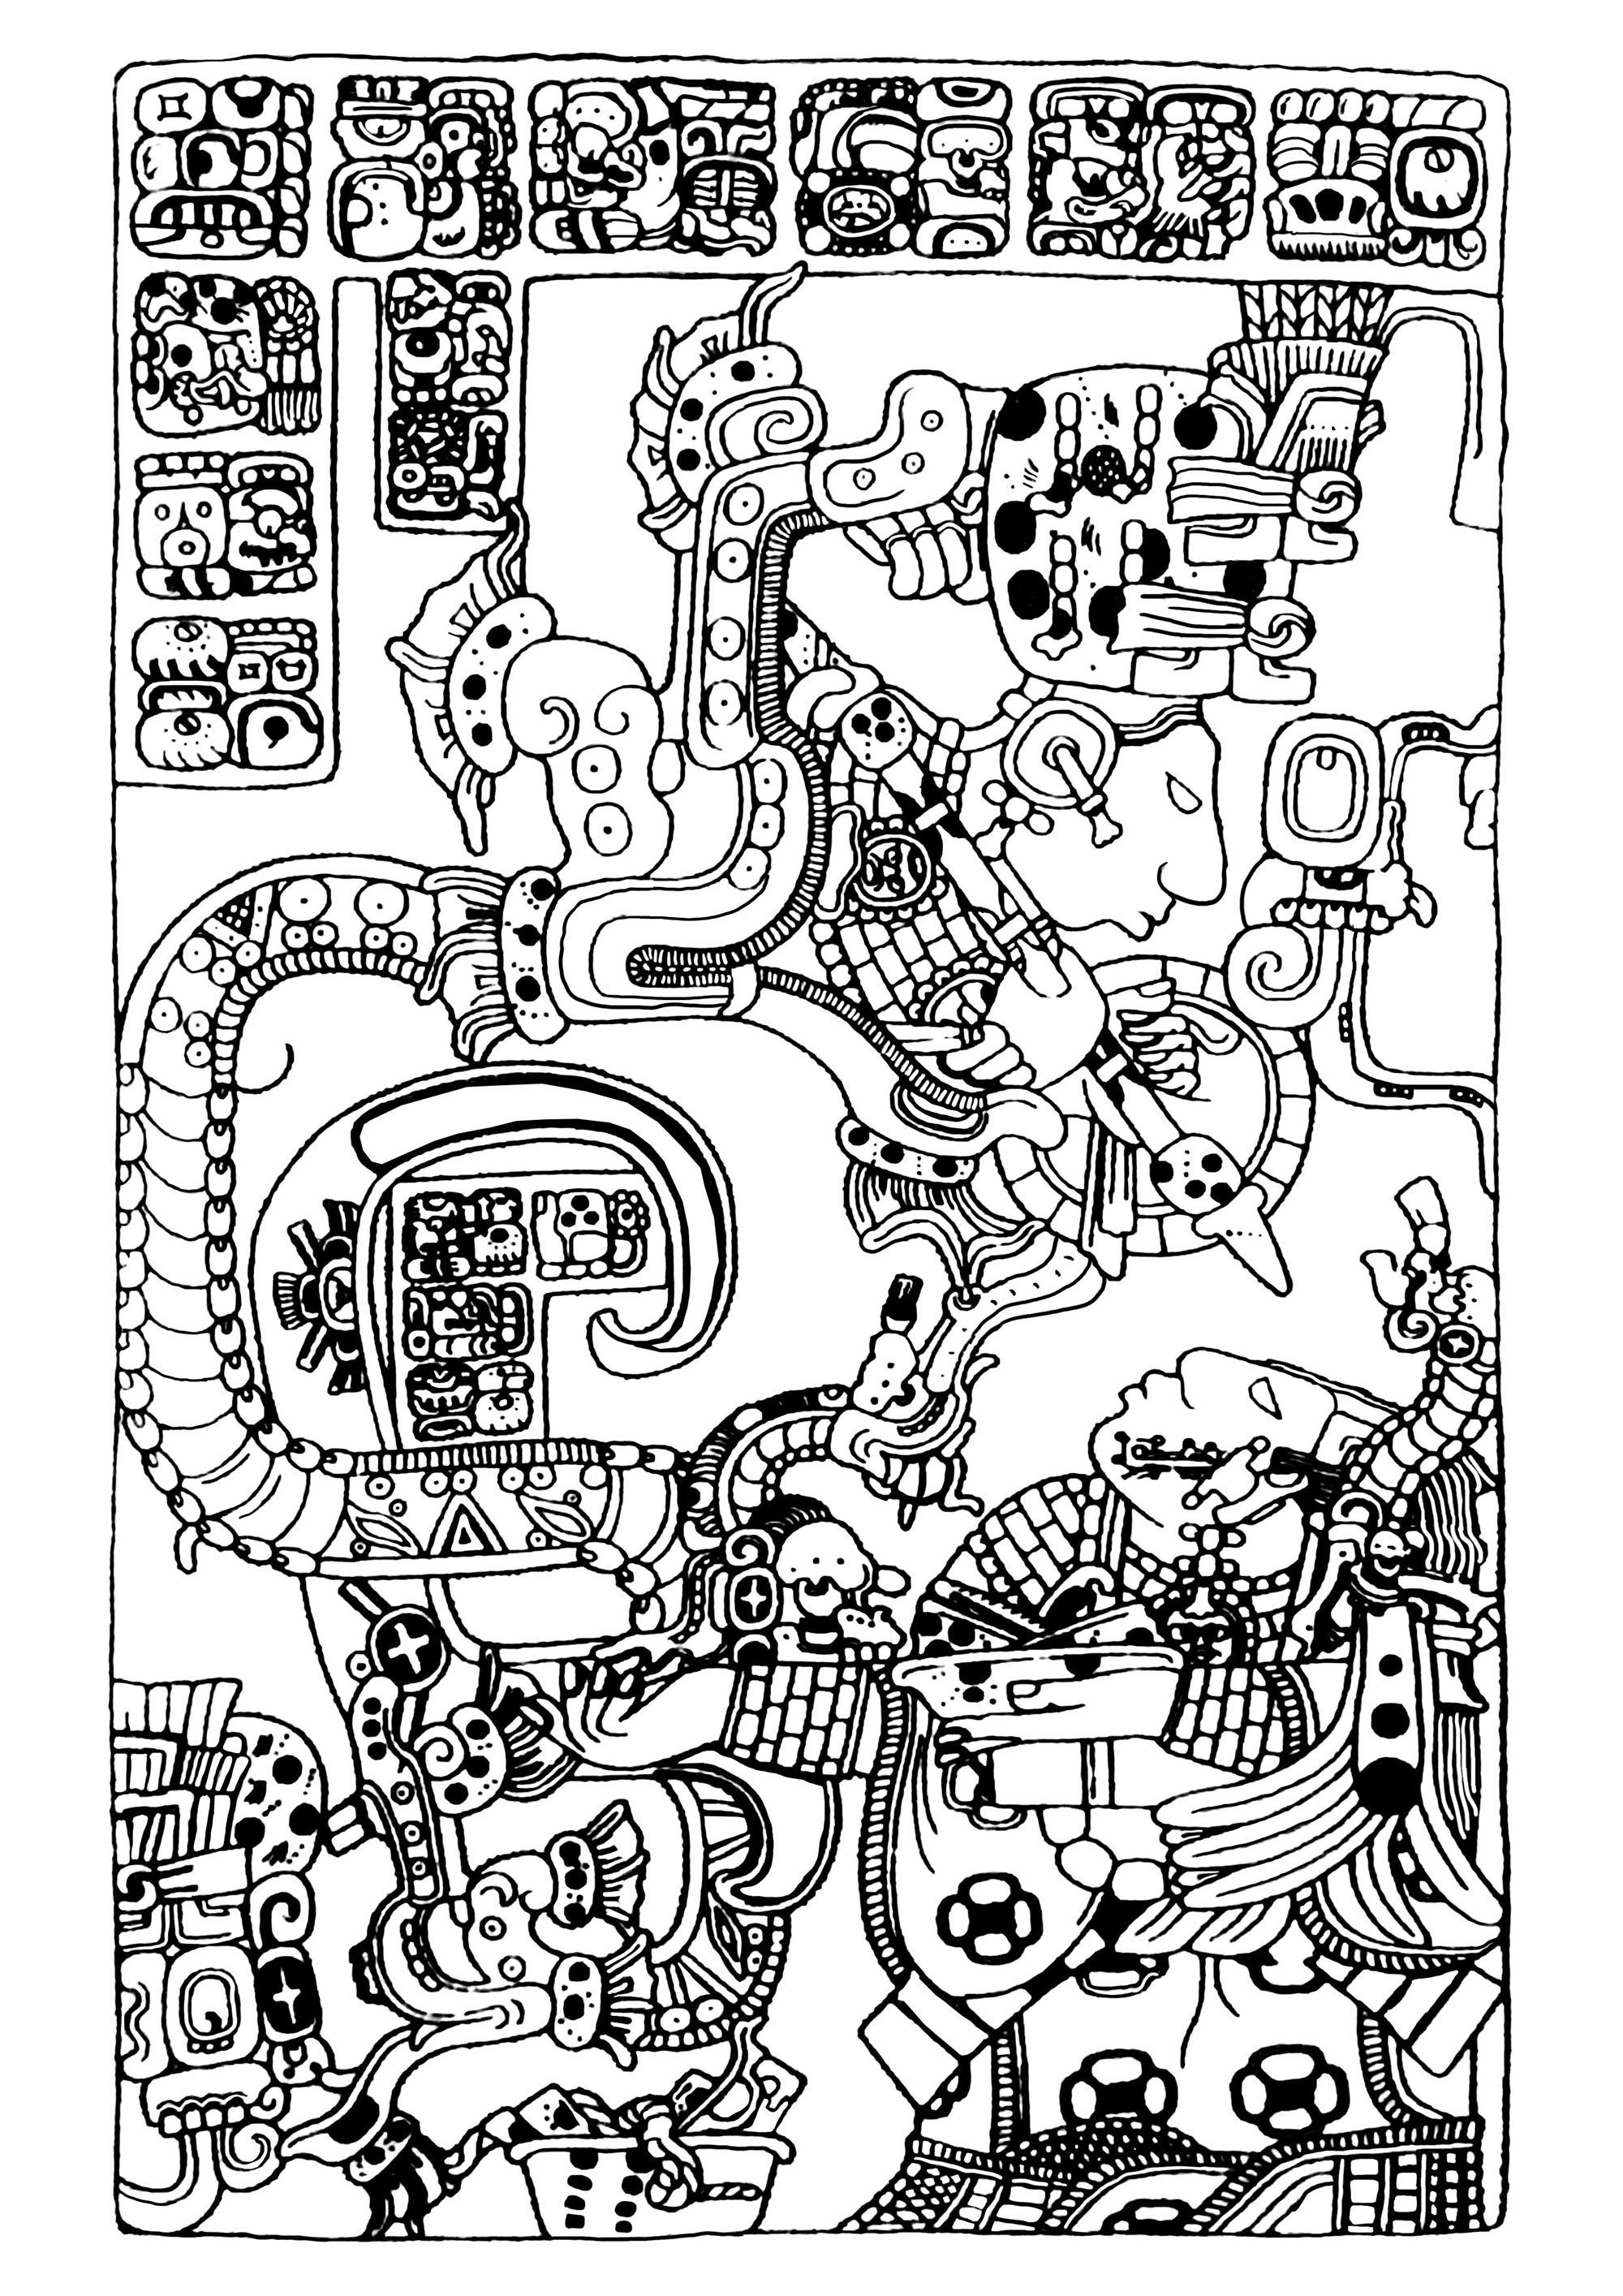 Disegni da colorare per adulti : Maya, Aztechi e Incas - 29